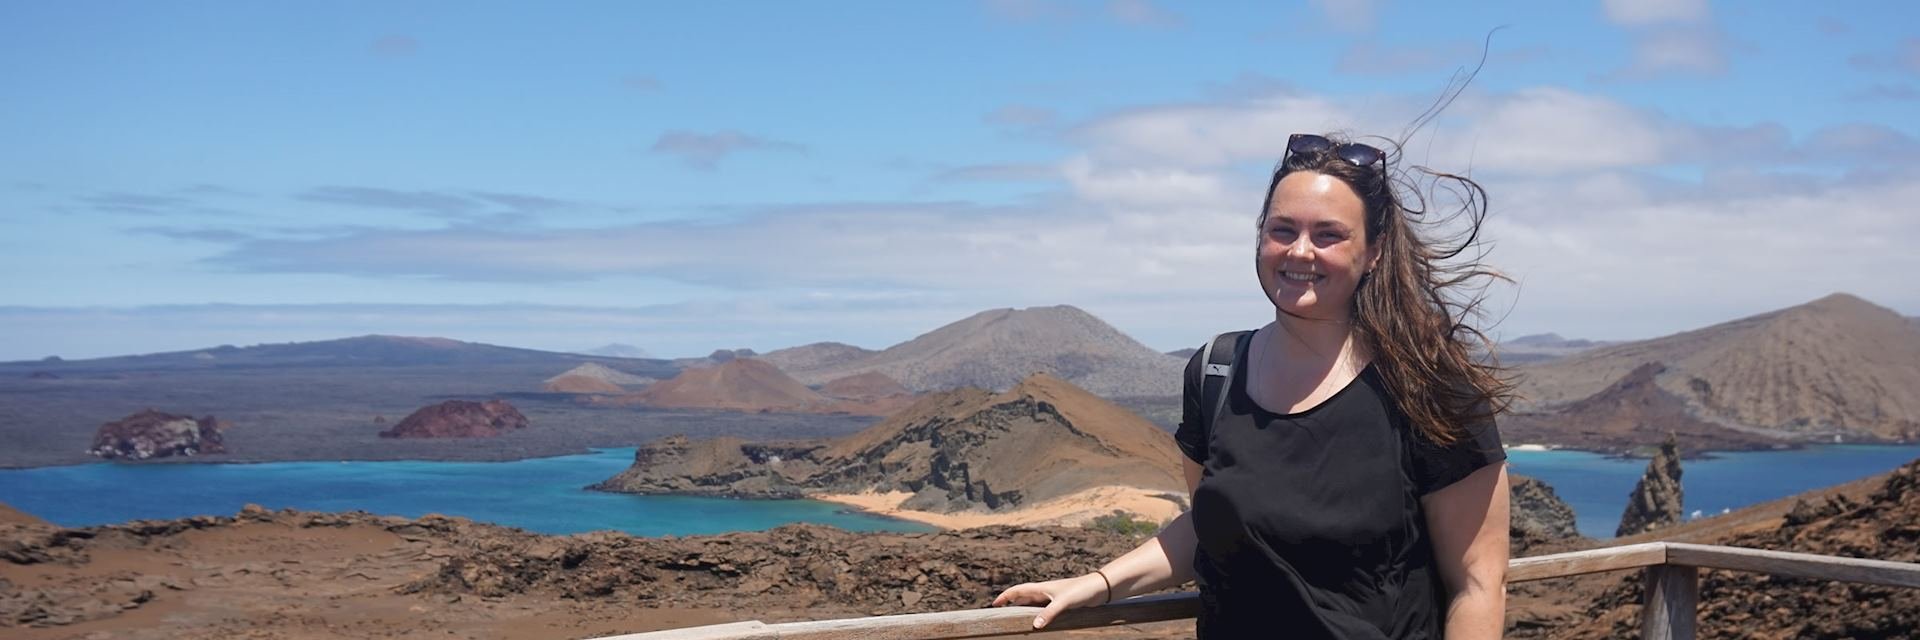 Laura at the Bartolome Island viewpoint, Galapagos Islands